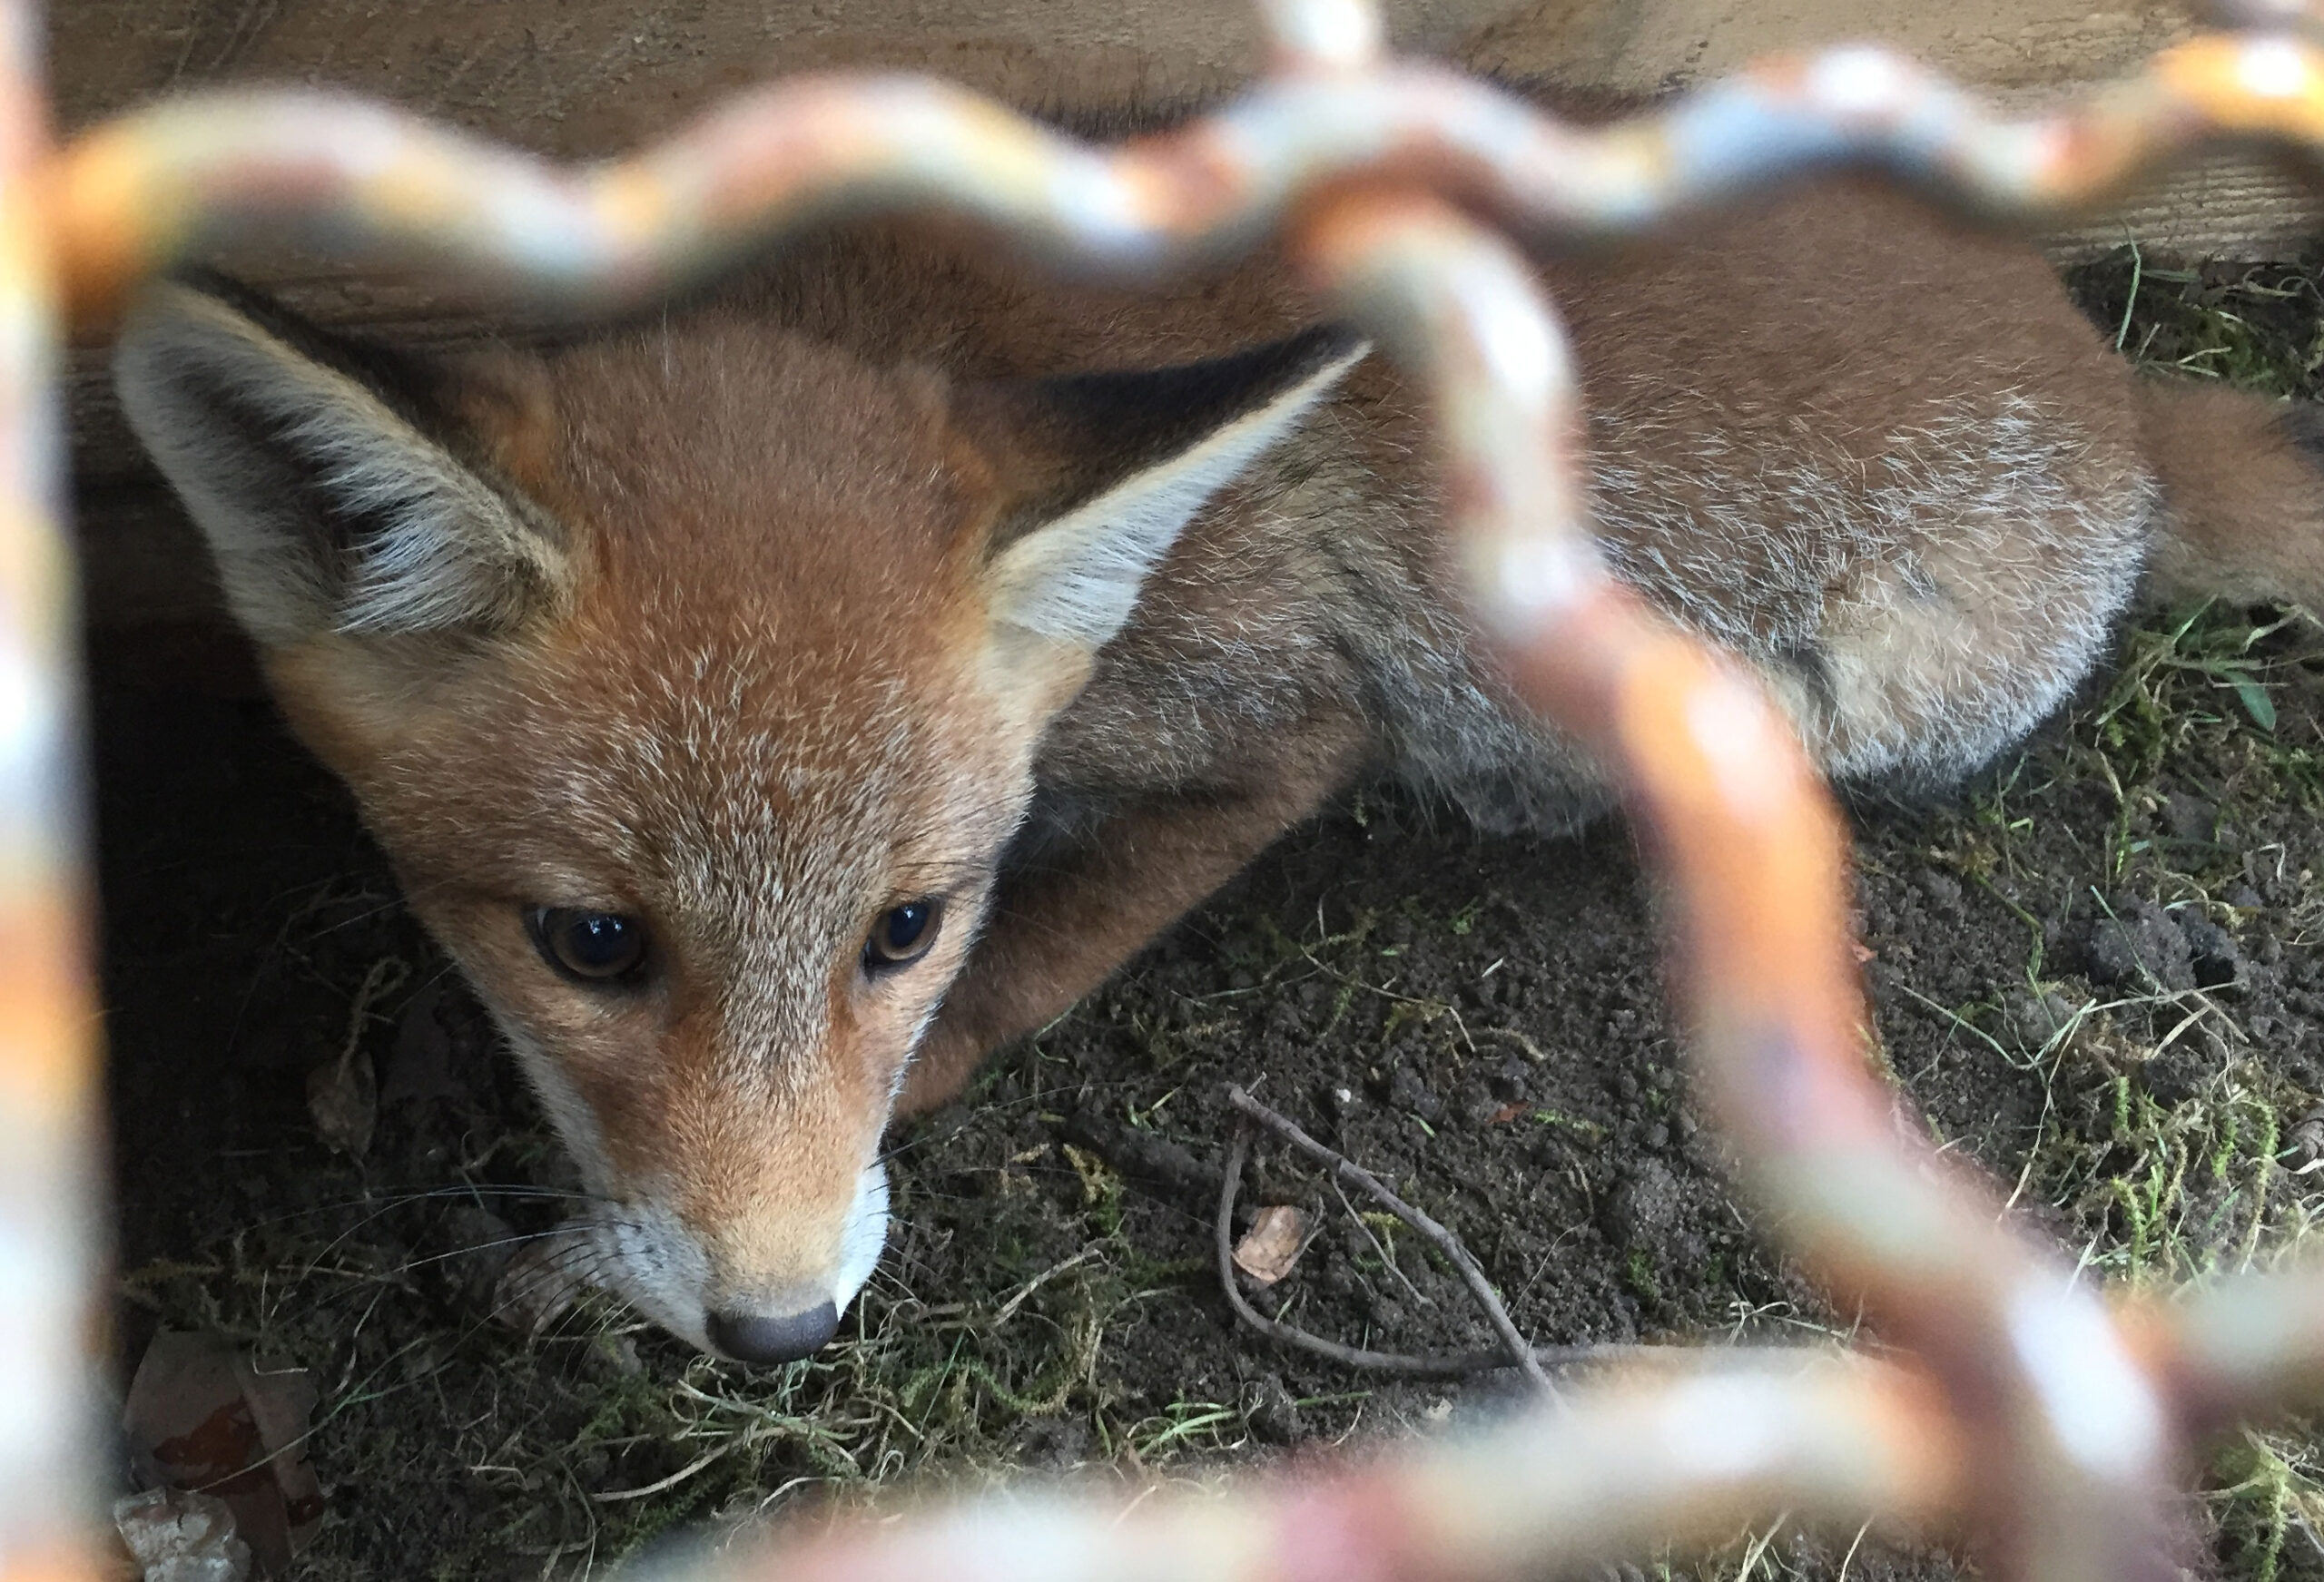 Fuchs in Falle gefangen